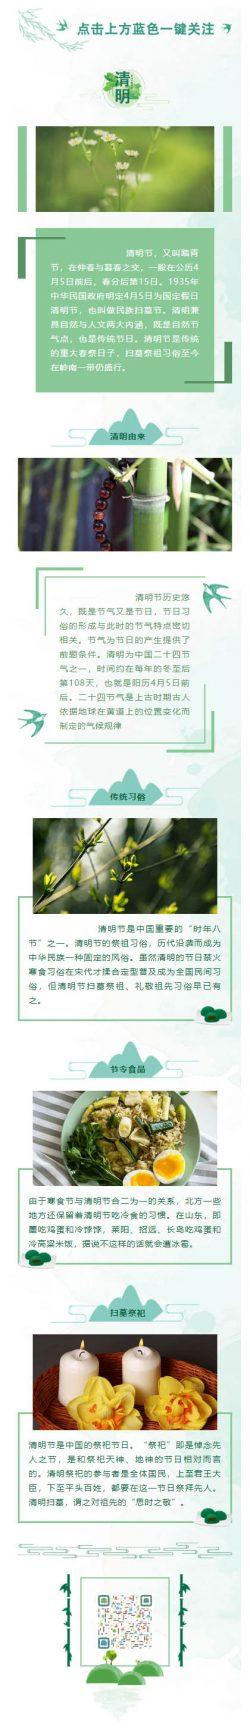 传统节日清明节春祭日子扫墓祭祖习俗绿色风格